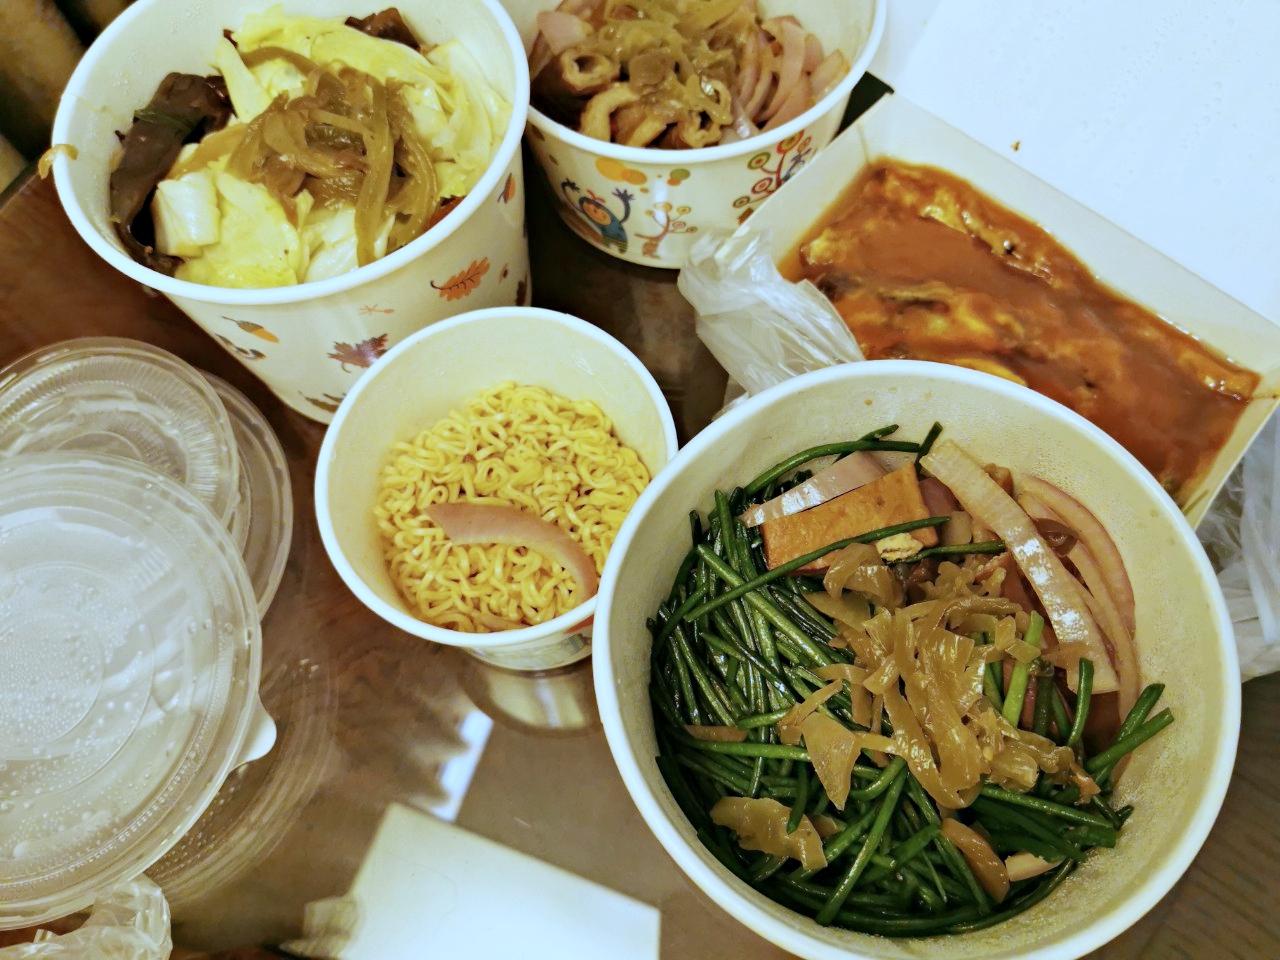 遼寧夜市必吃:勝利號蚵仔煎、客家自製湯圓、北海道活魷魚